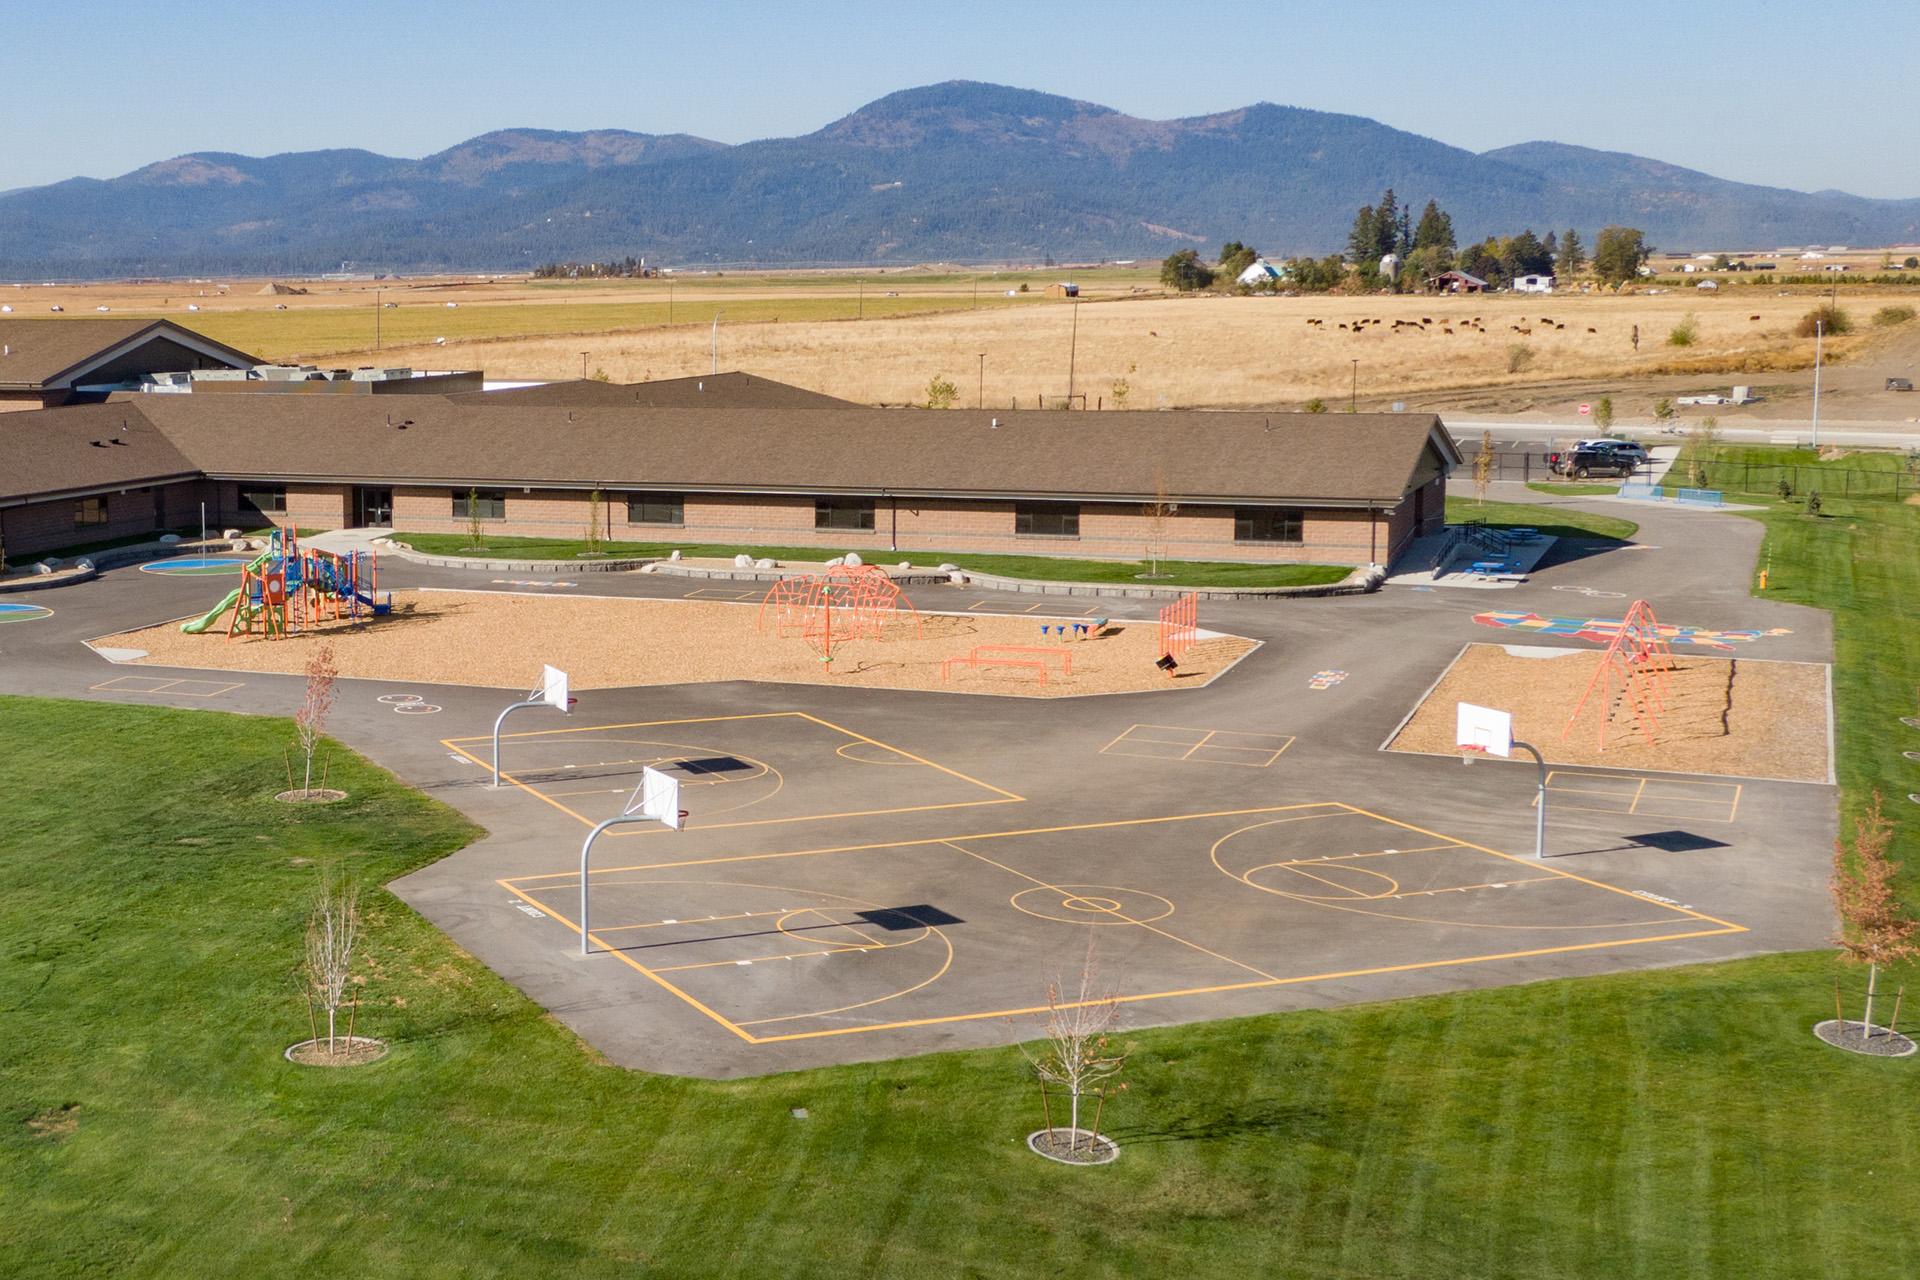 Treaty Rock Elementary Play Area